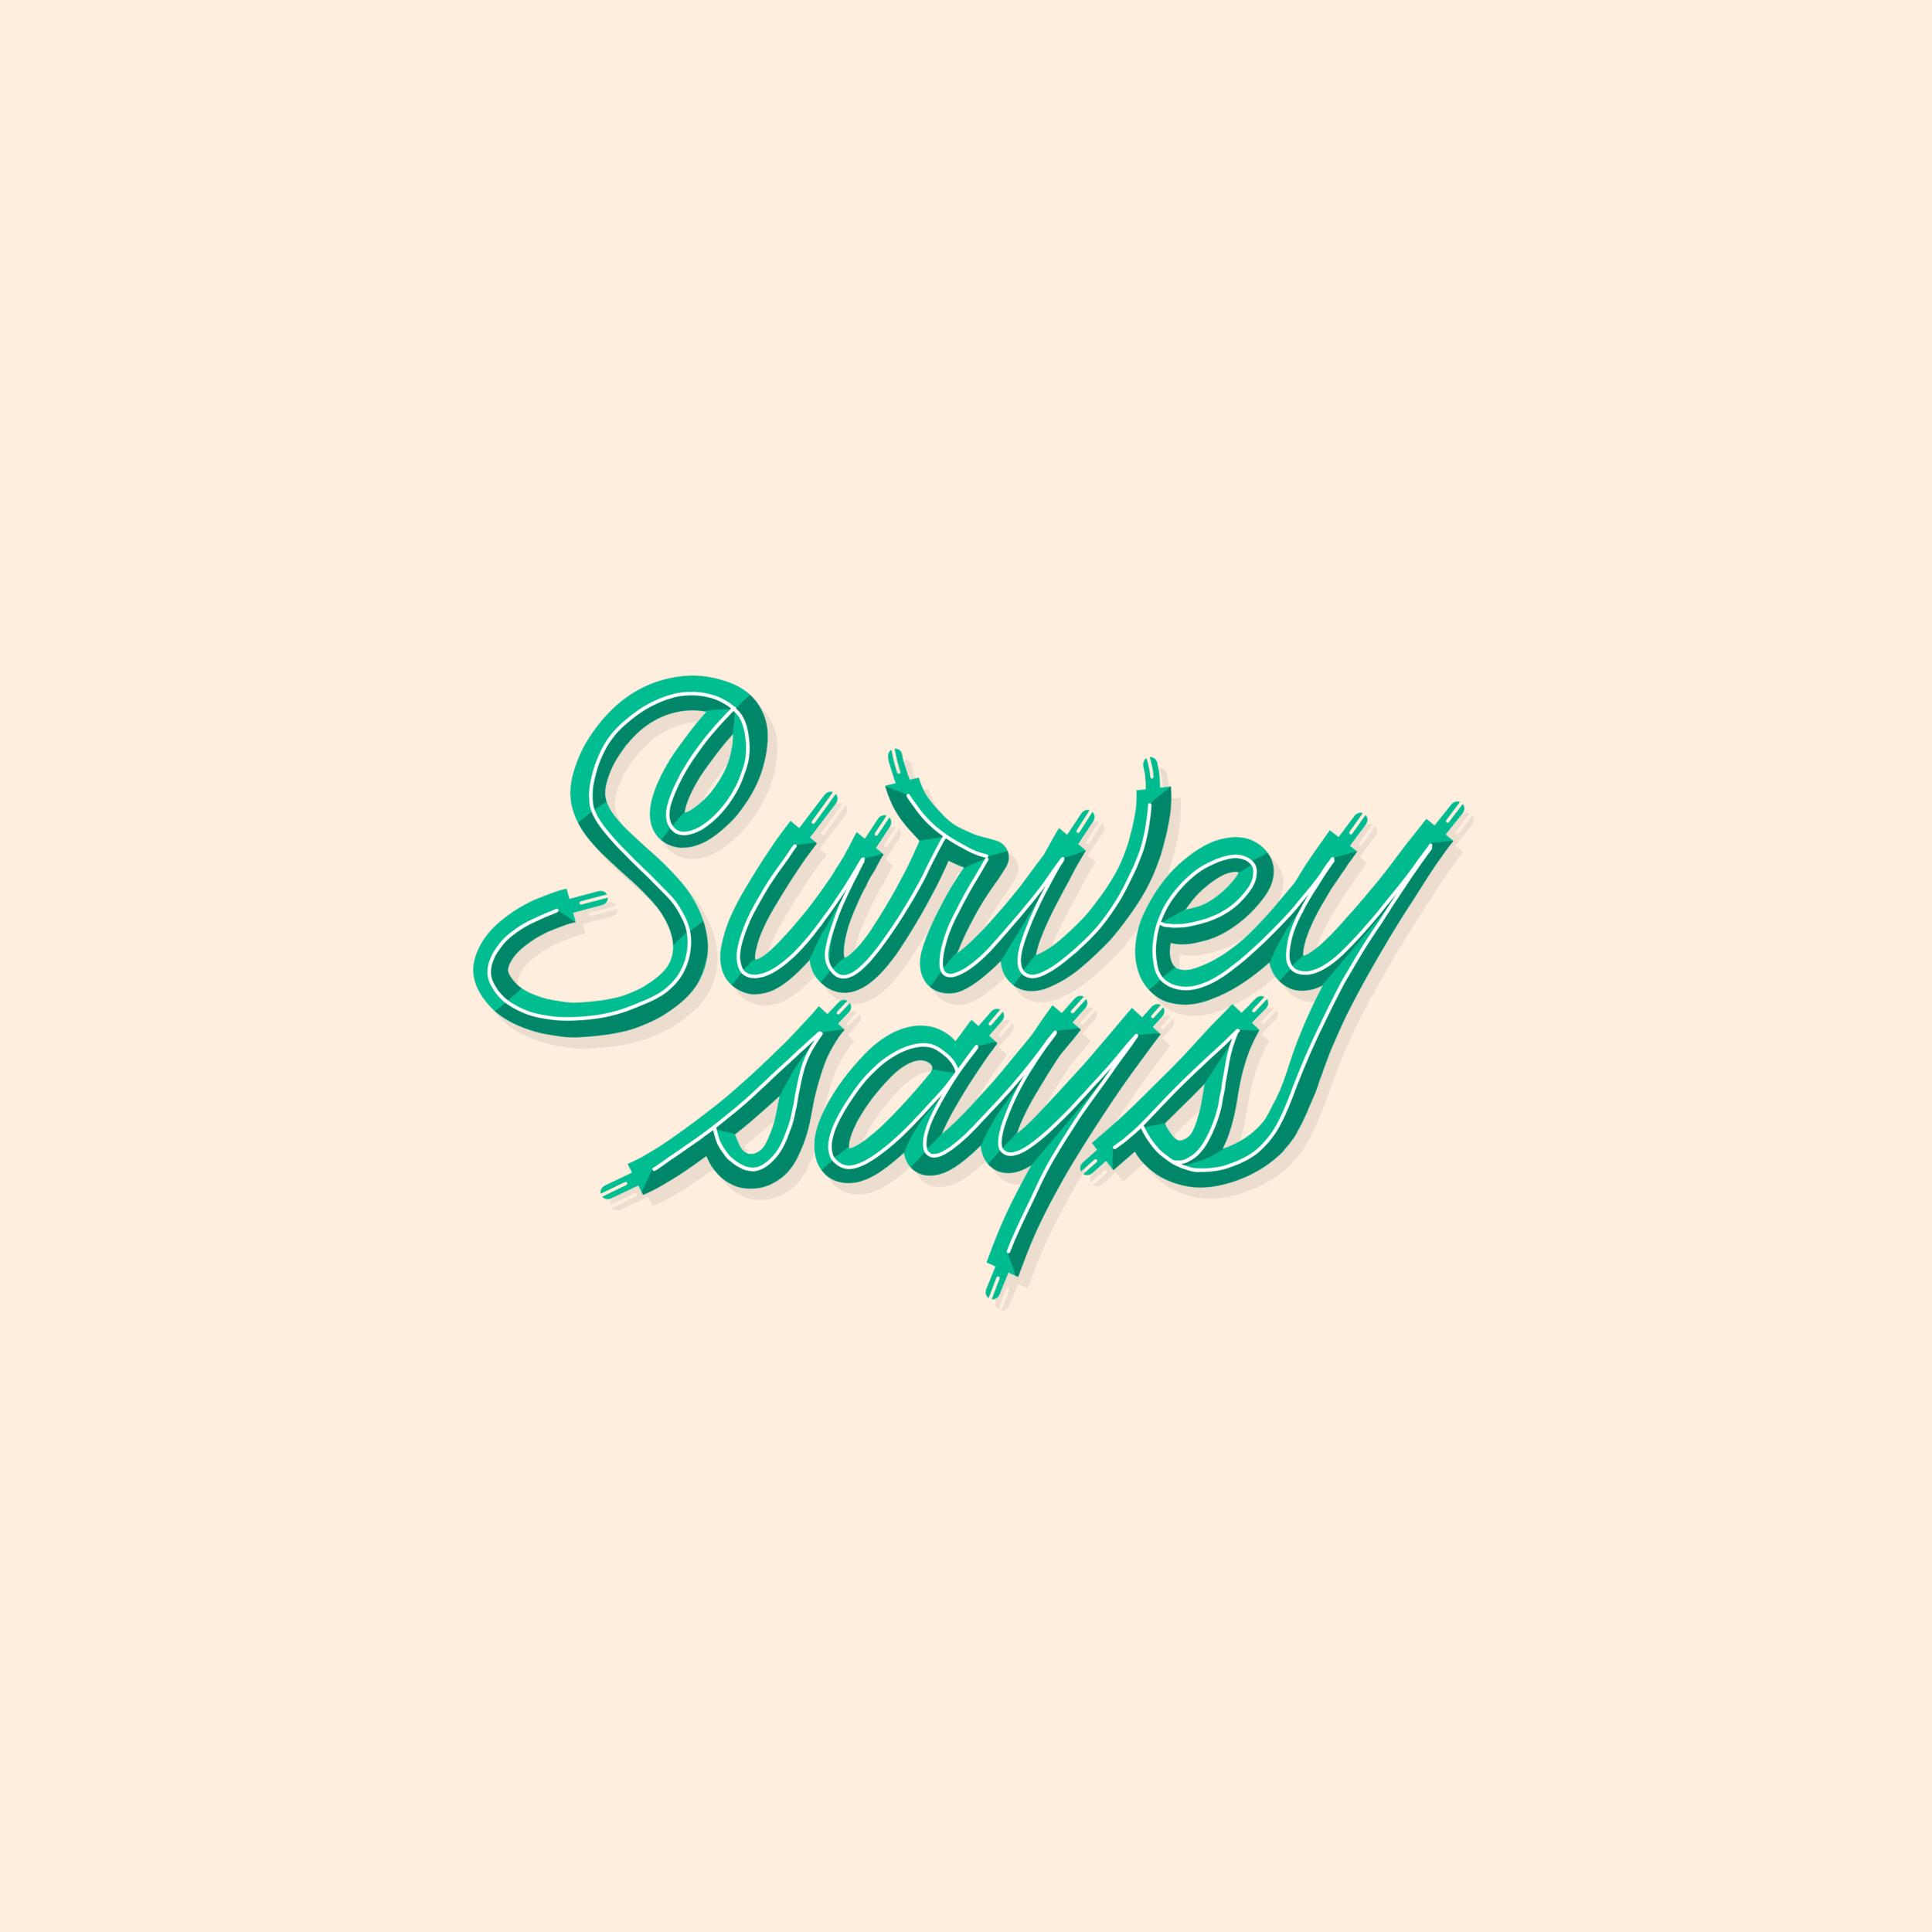 survey_says copy.png